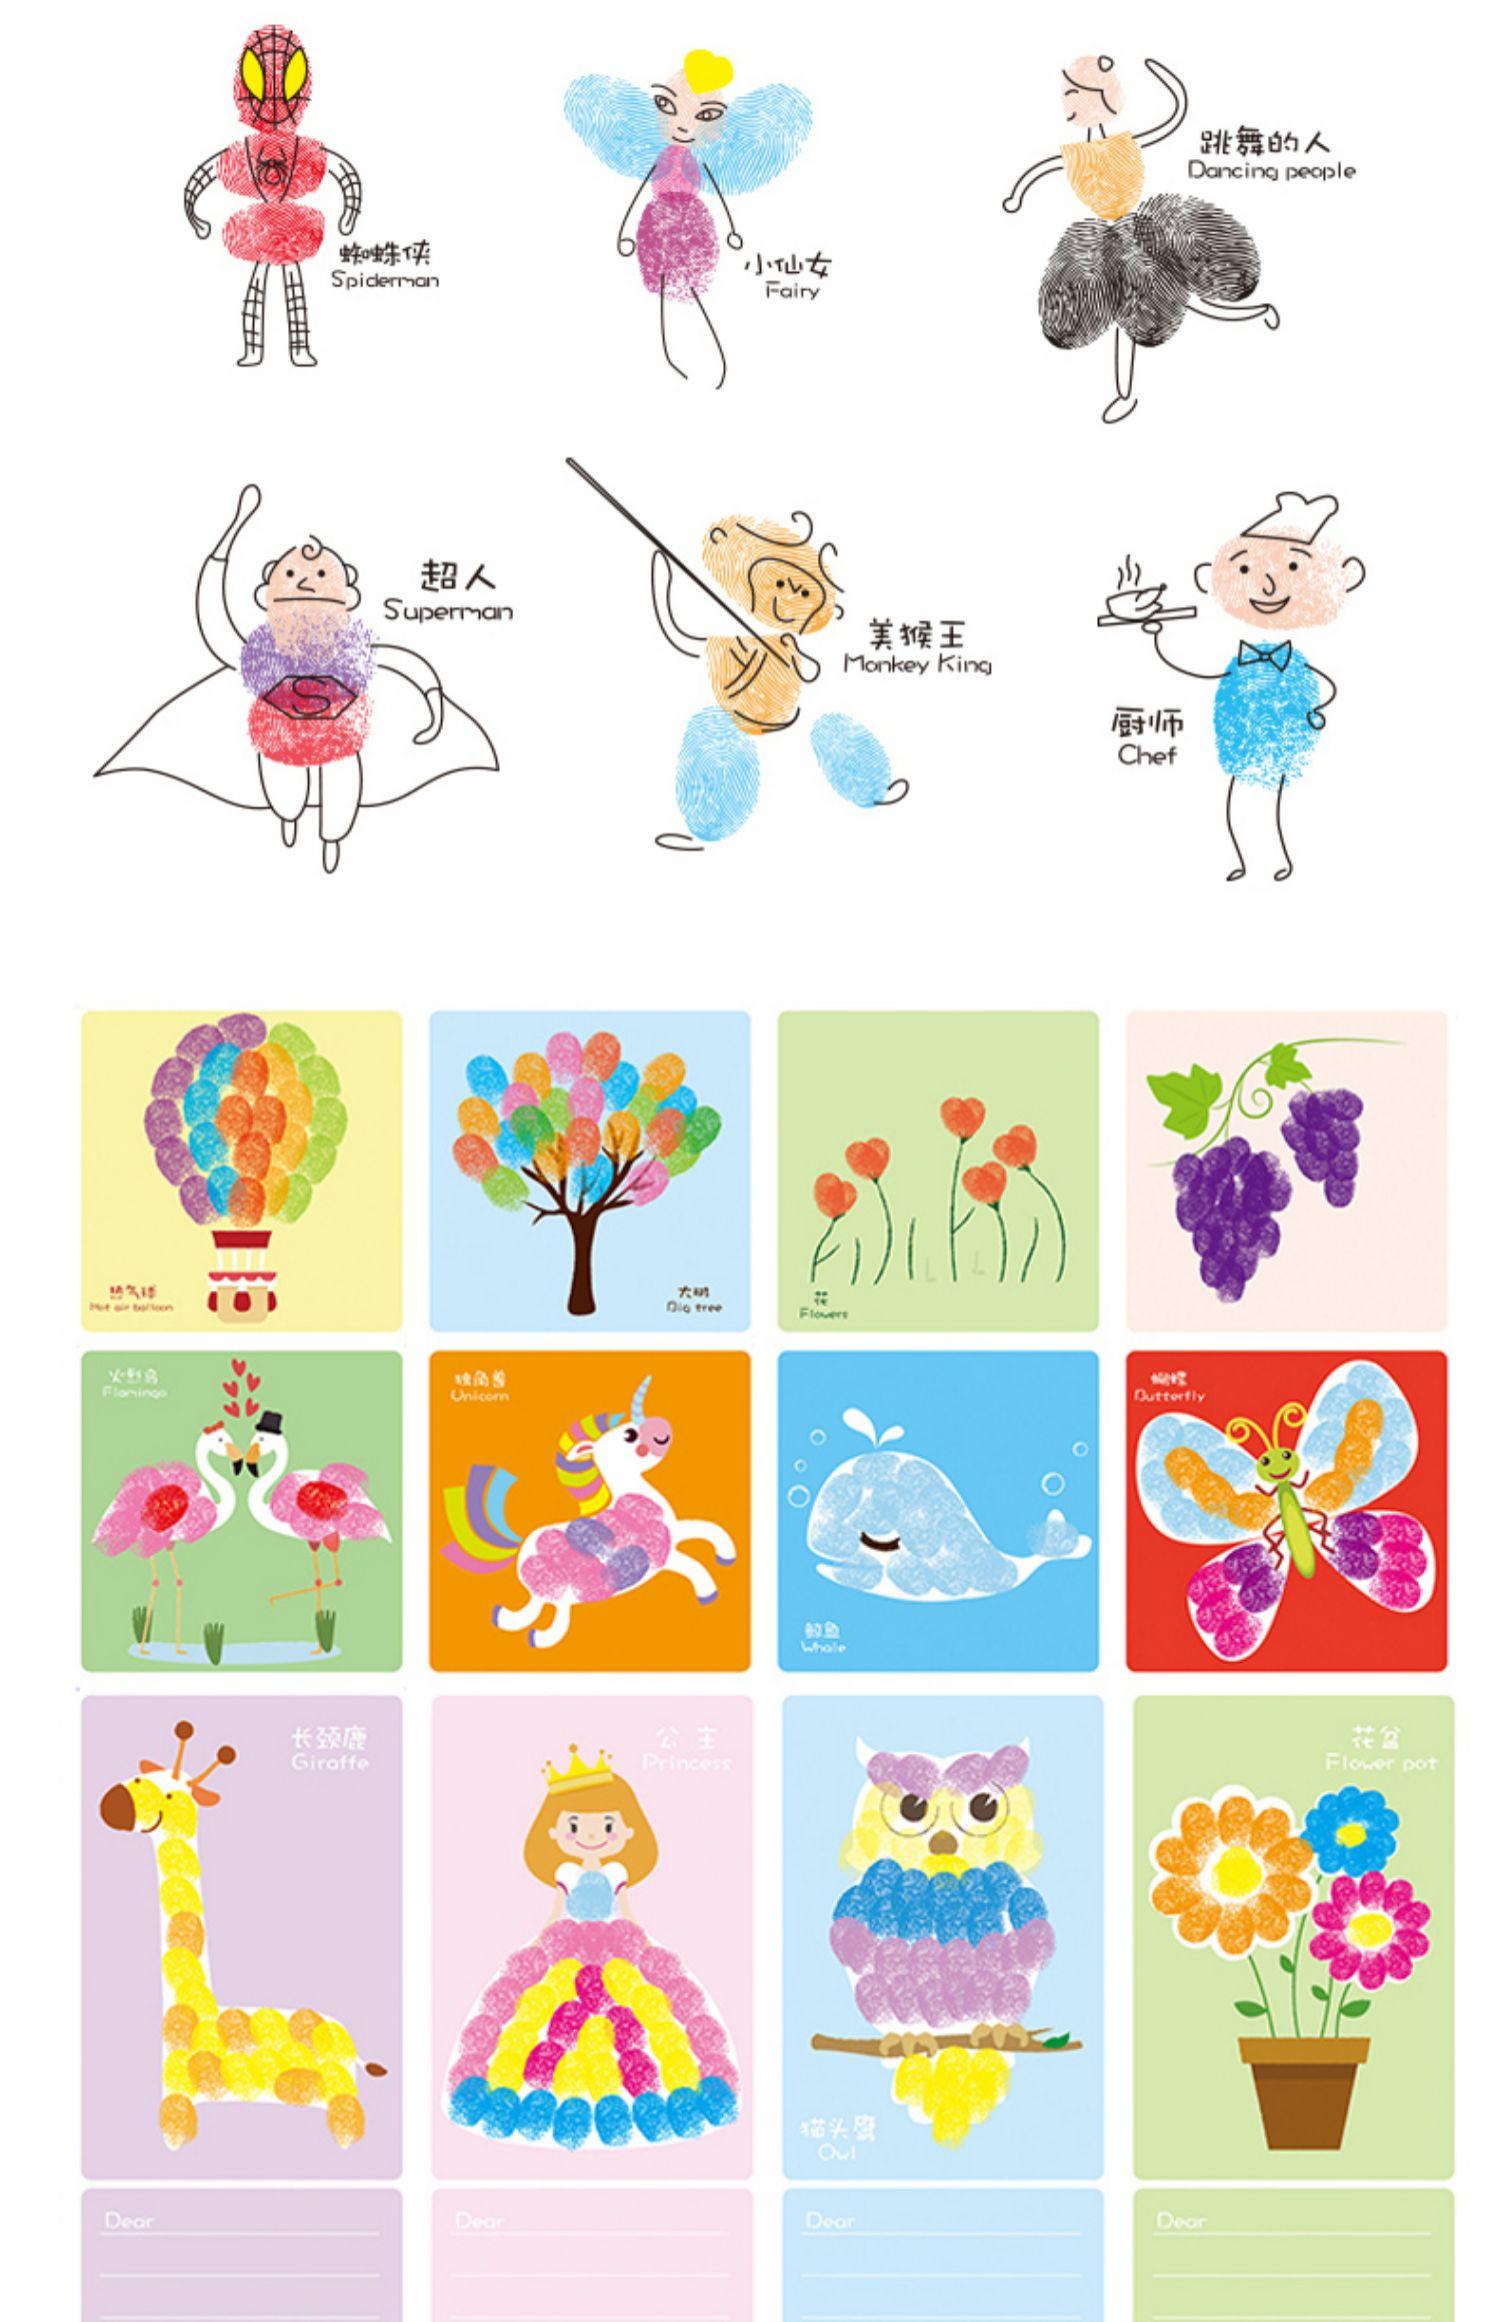 儿童手指画无毒宝宝手指颜料涂鸦可水洗手掌画印泥颜料画涂色套装商品详情图